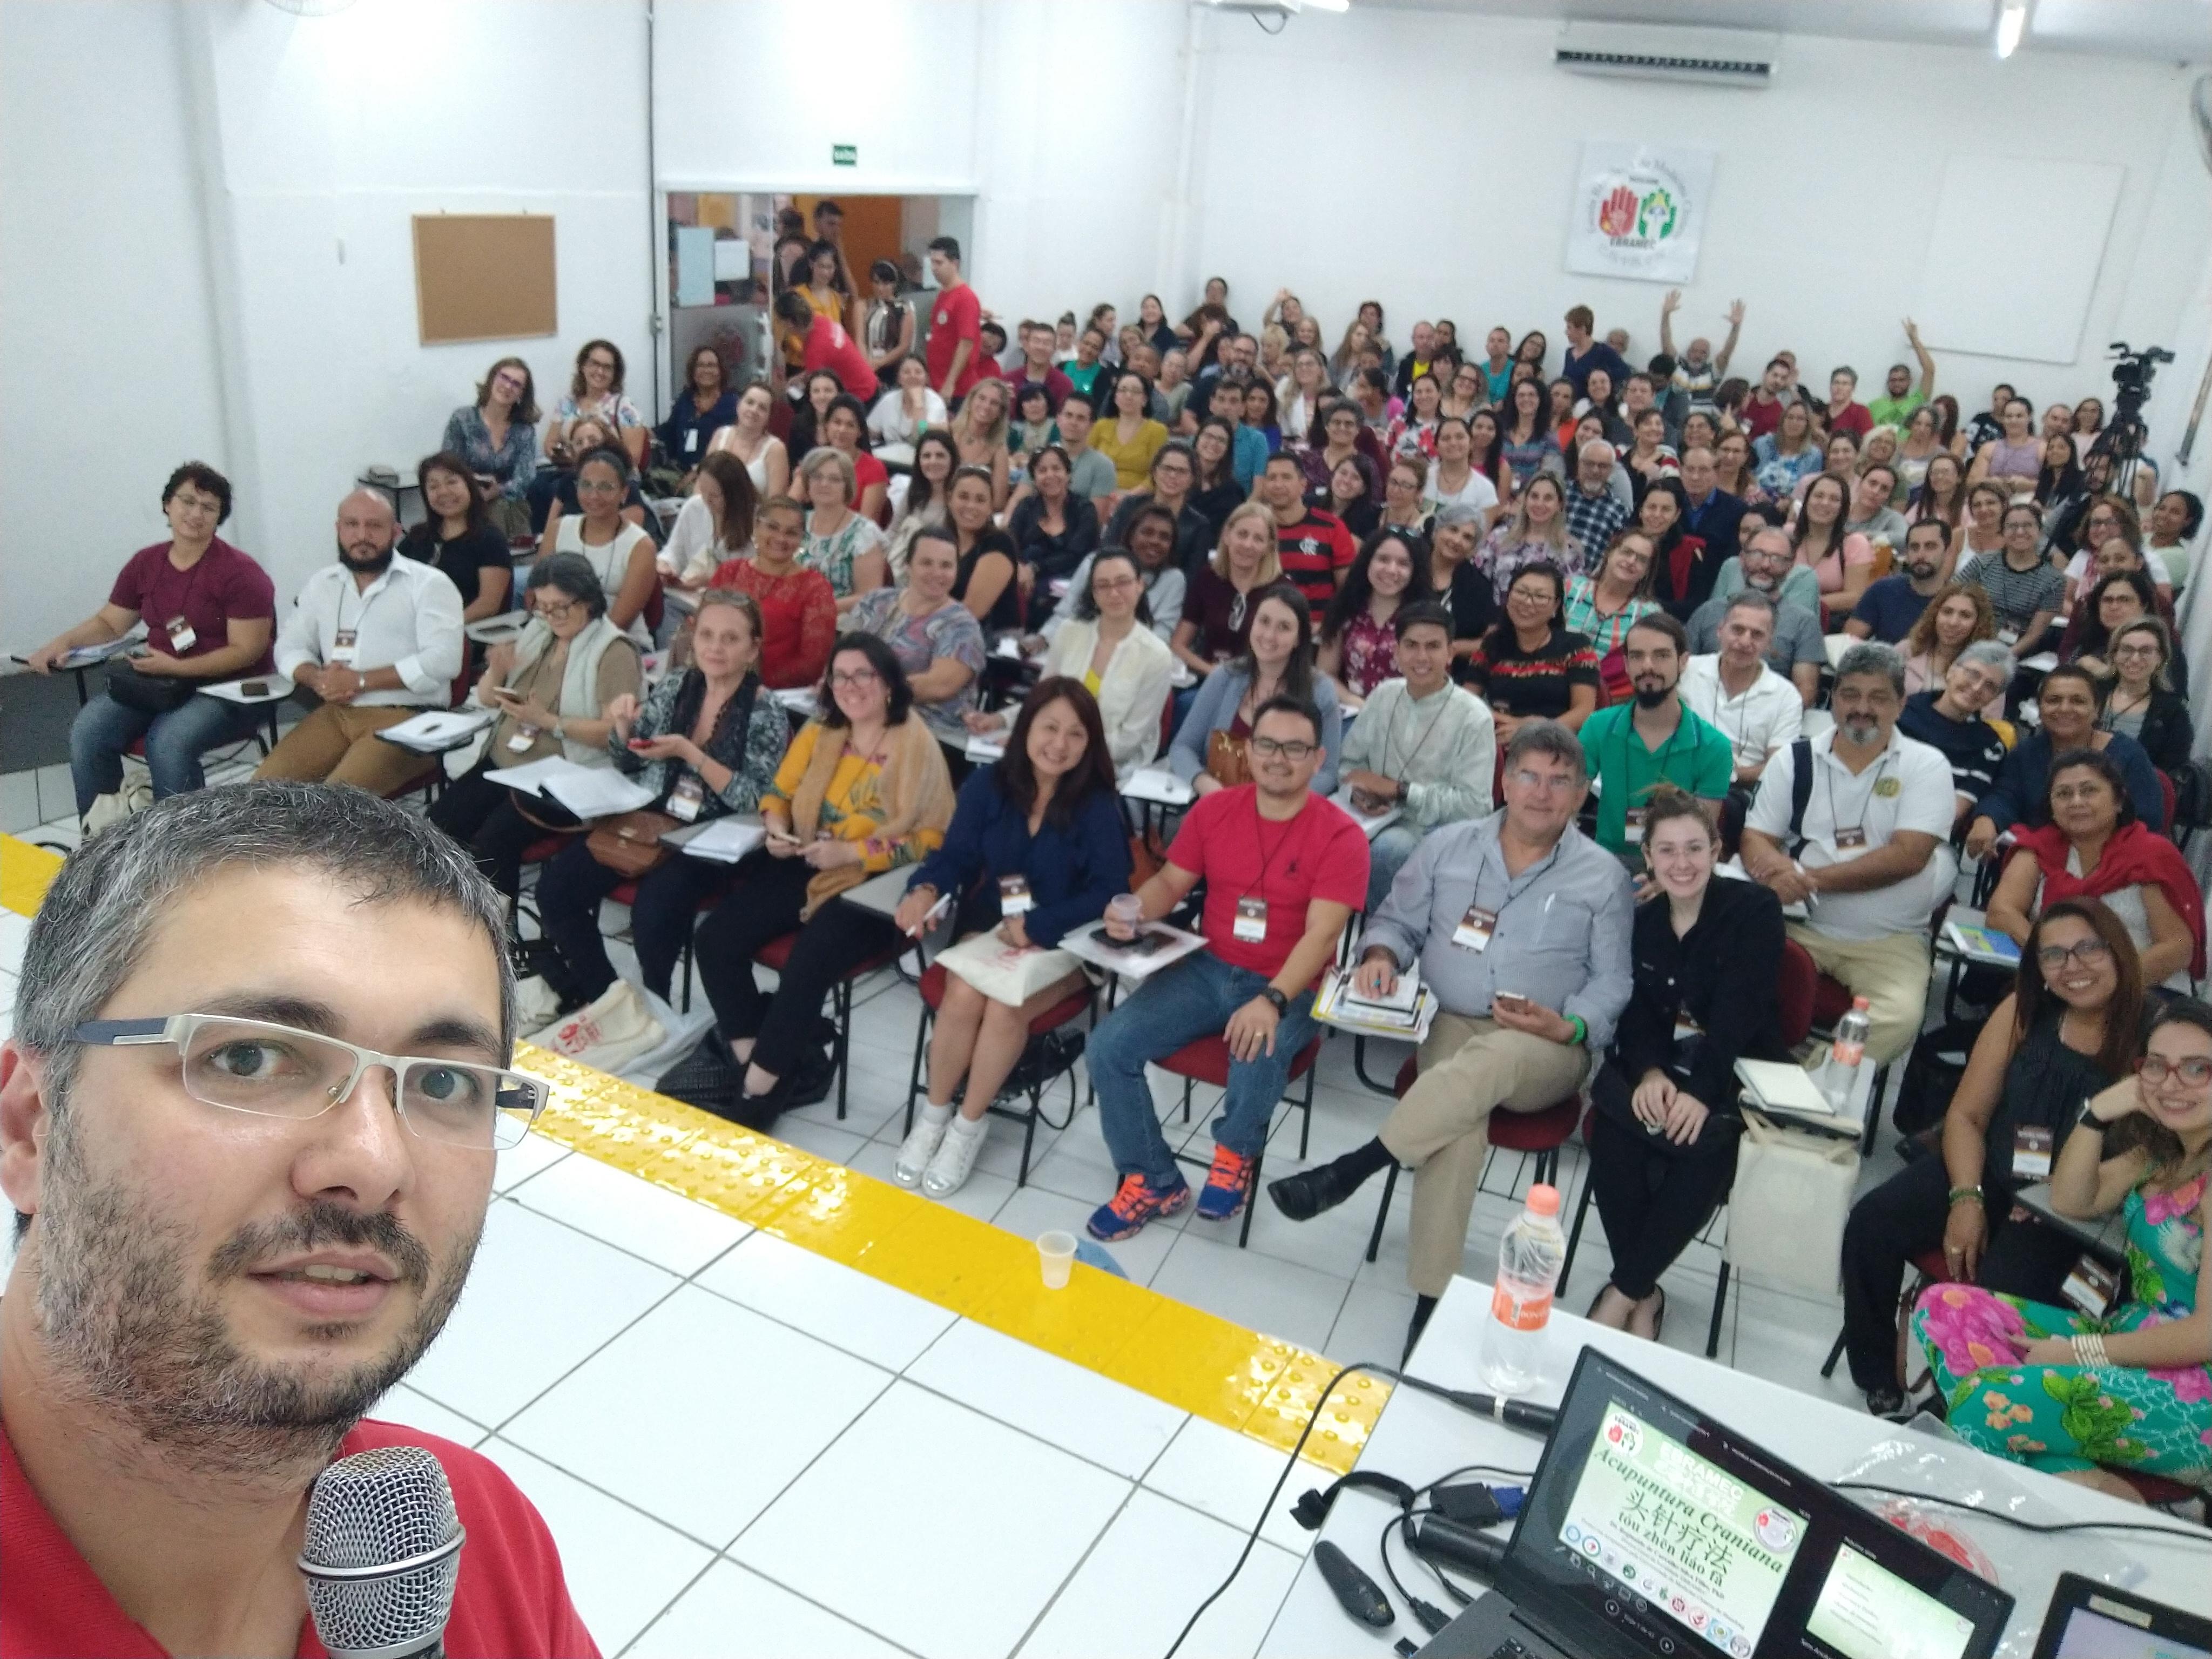 foto-congresso-1 VIII Congresso Brasileiro de Medicina Chinesa